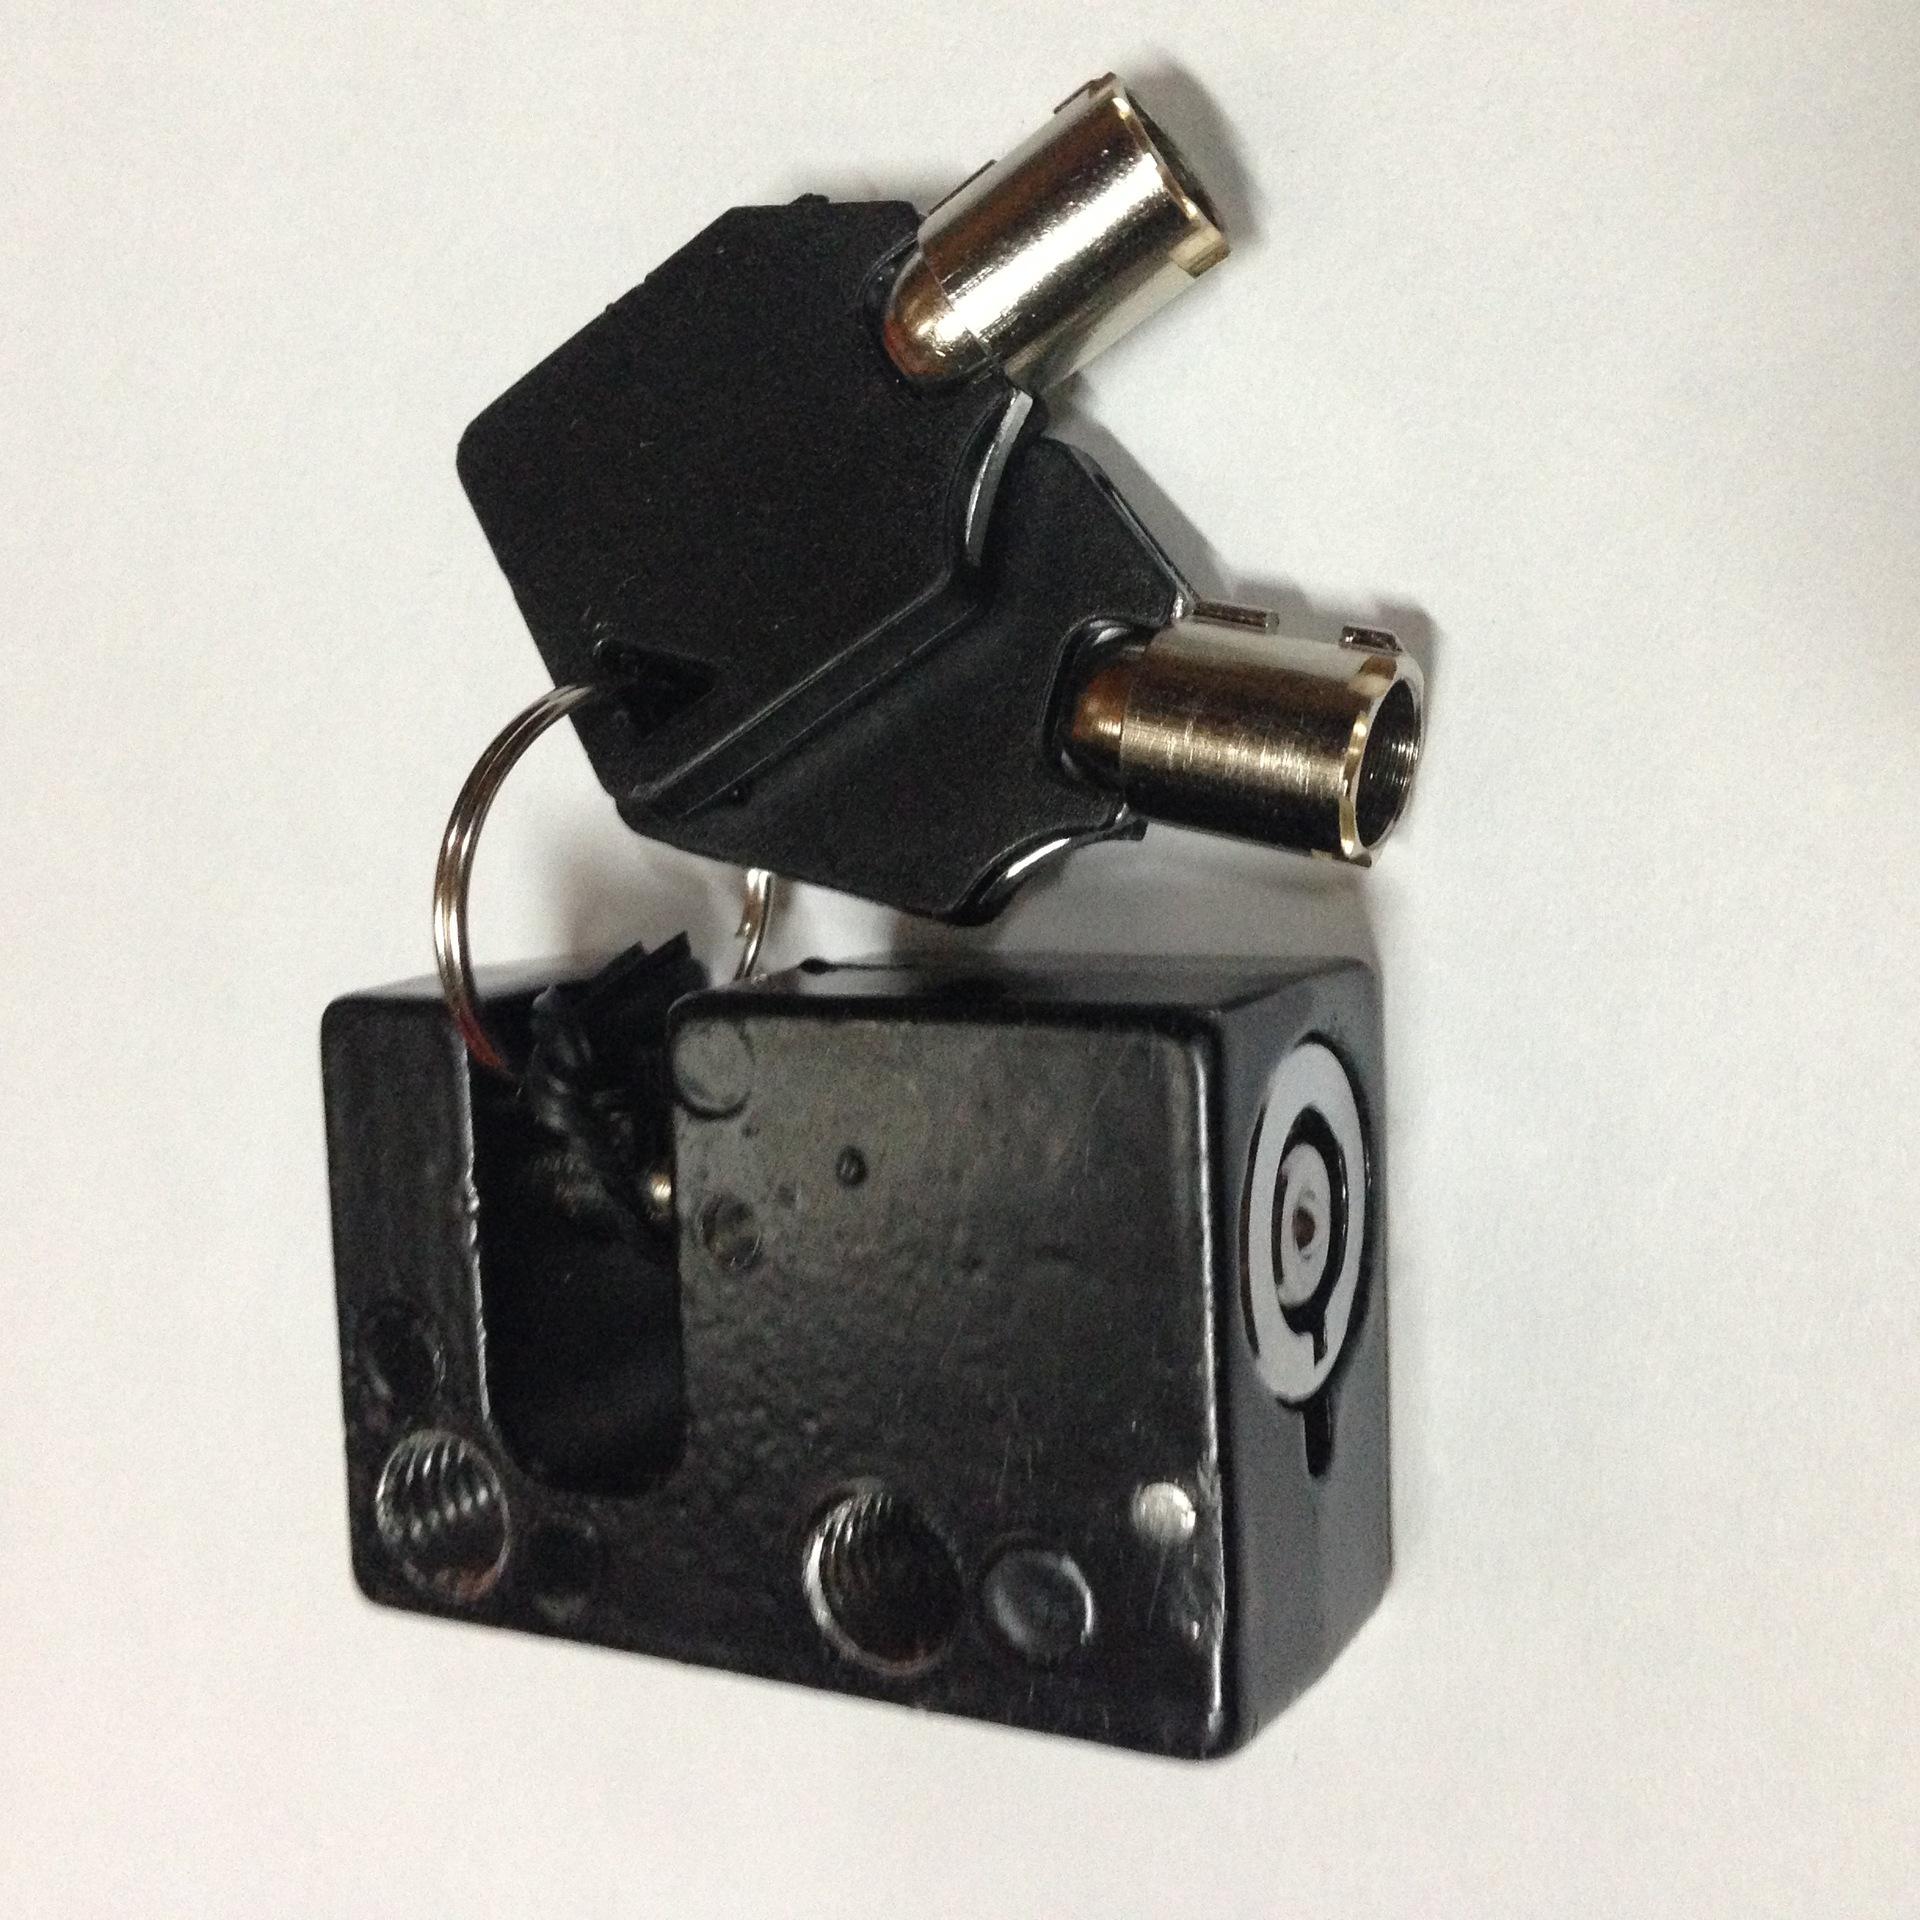 厂家直销黄金甲铁皮车锁电动车电瓶锁